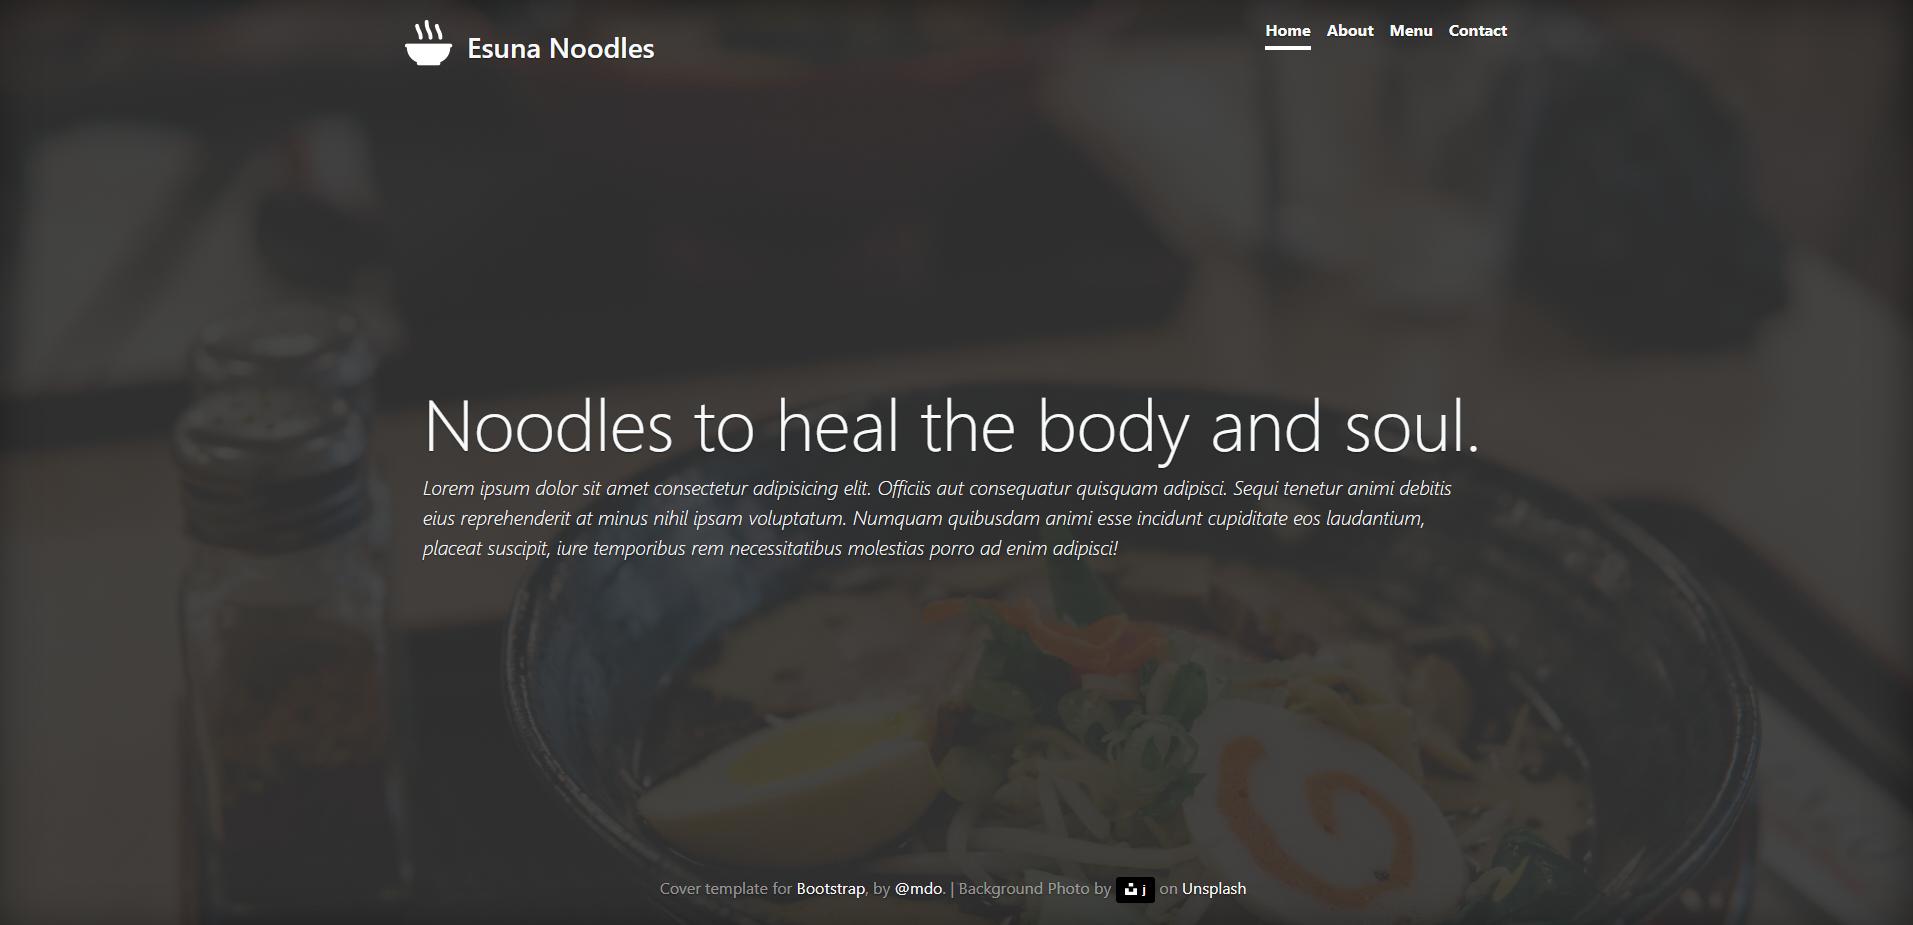 Esuna Noodles - Site | Code | Case Study